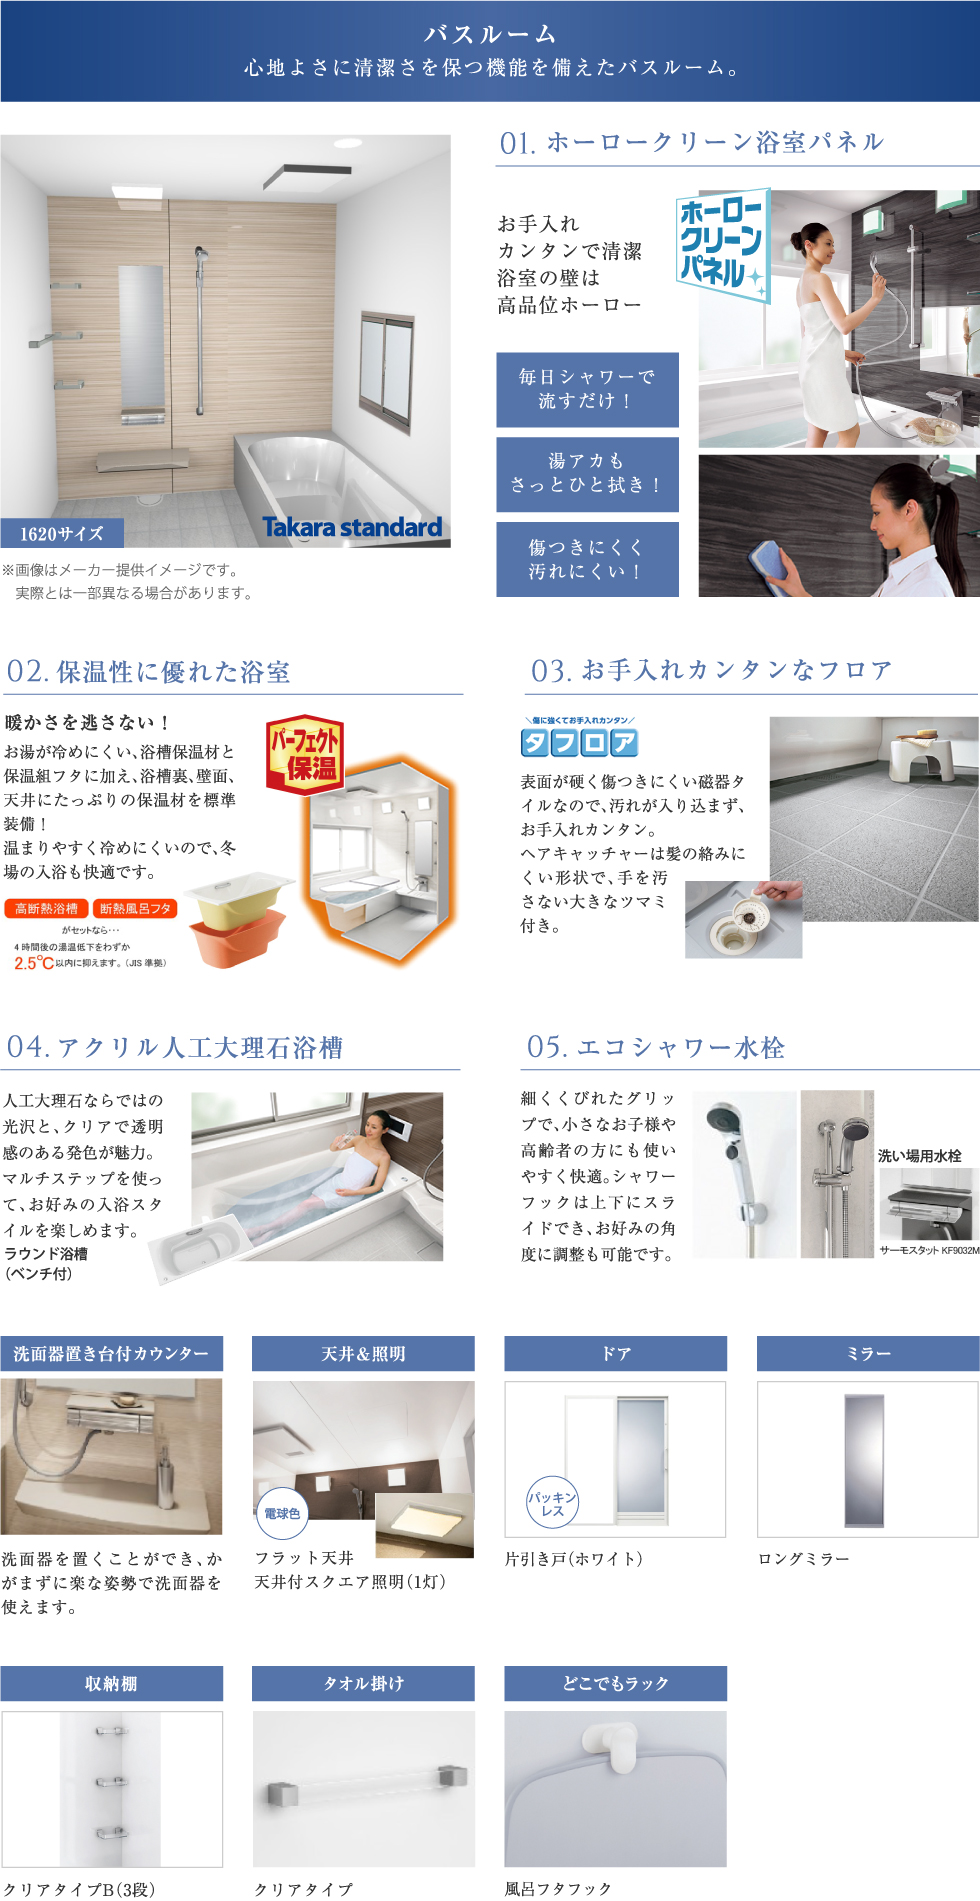 ガス | Takara standardのバスルーム